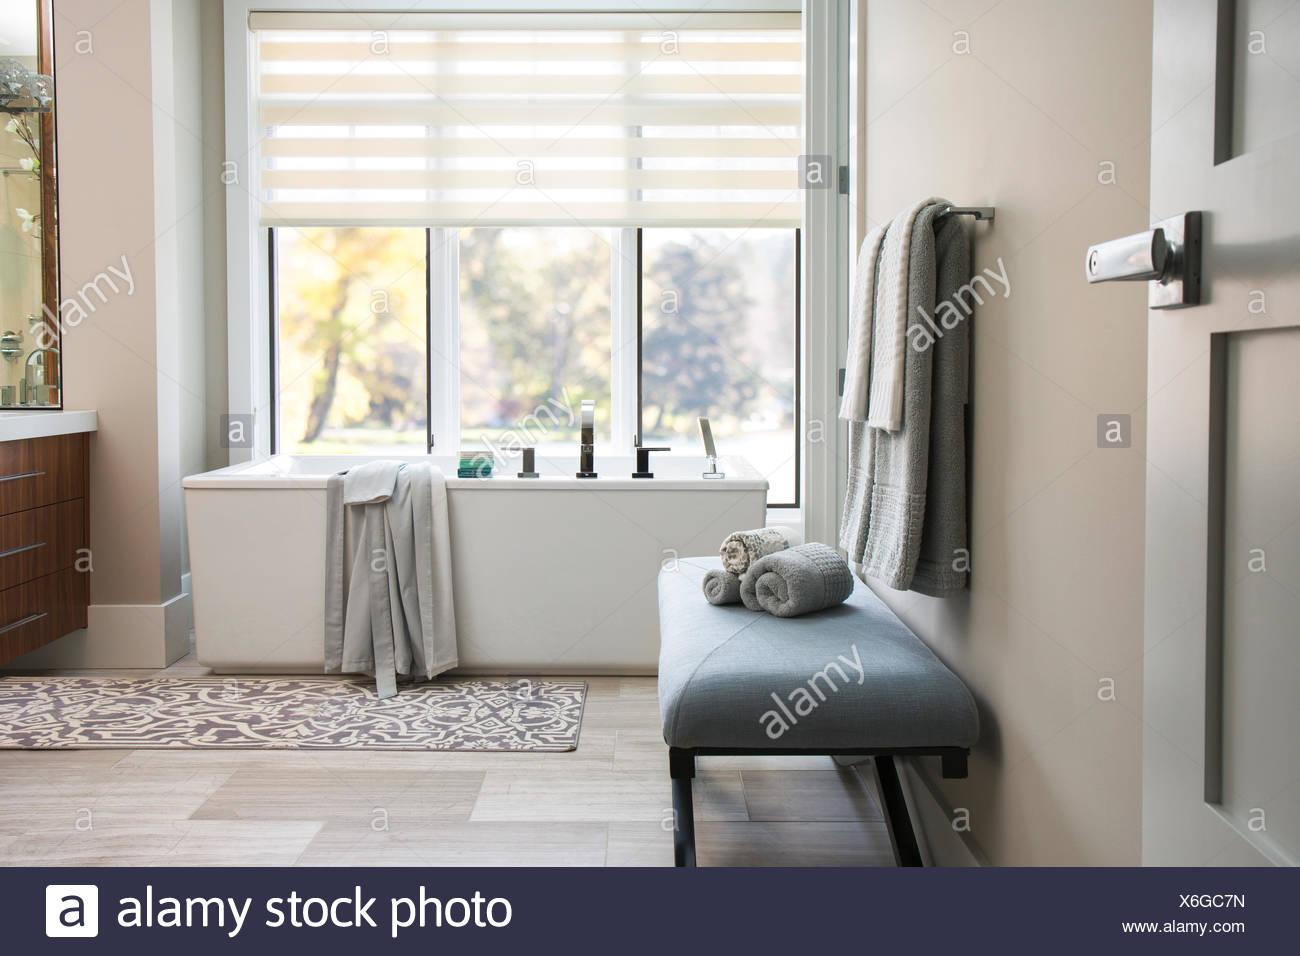 Modern bathtub in elegant bathroom - Stock Image